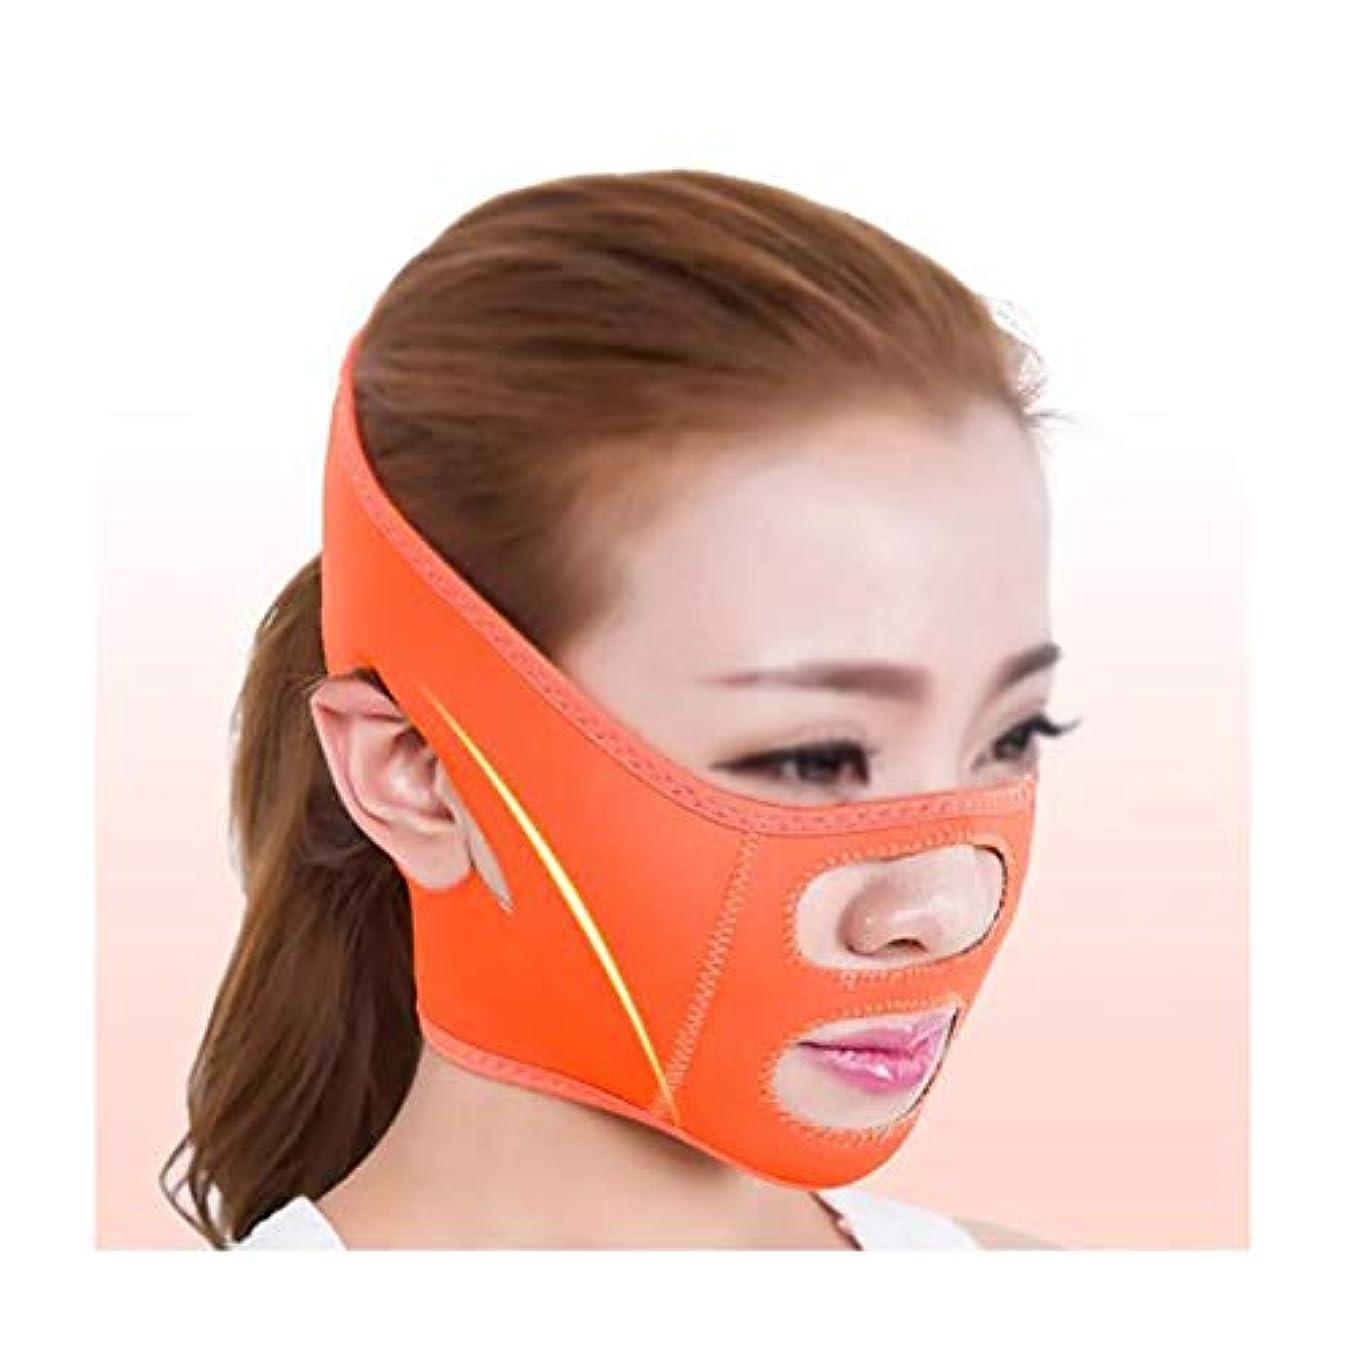 憤る晩餐寛容XHLMRMJ 引き締めフェイスマスク、術後リフティングマスクホーム包帯揺れネットワーク赤女性vフェイスステッカーストラップ楽器フェイスアーティファクト (Color : Orange)